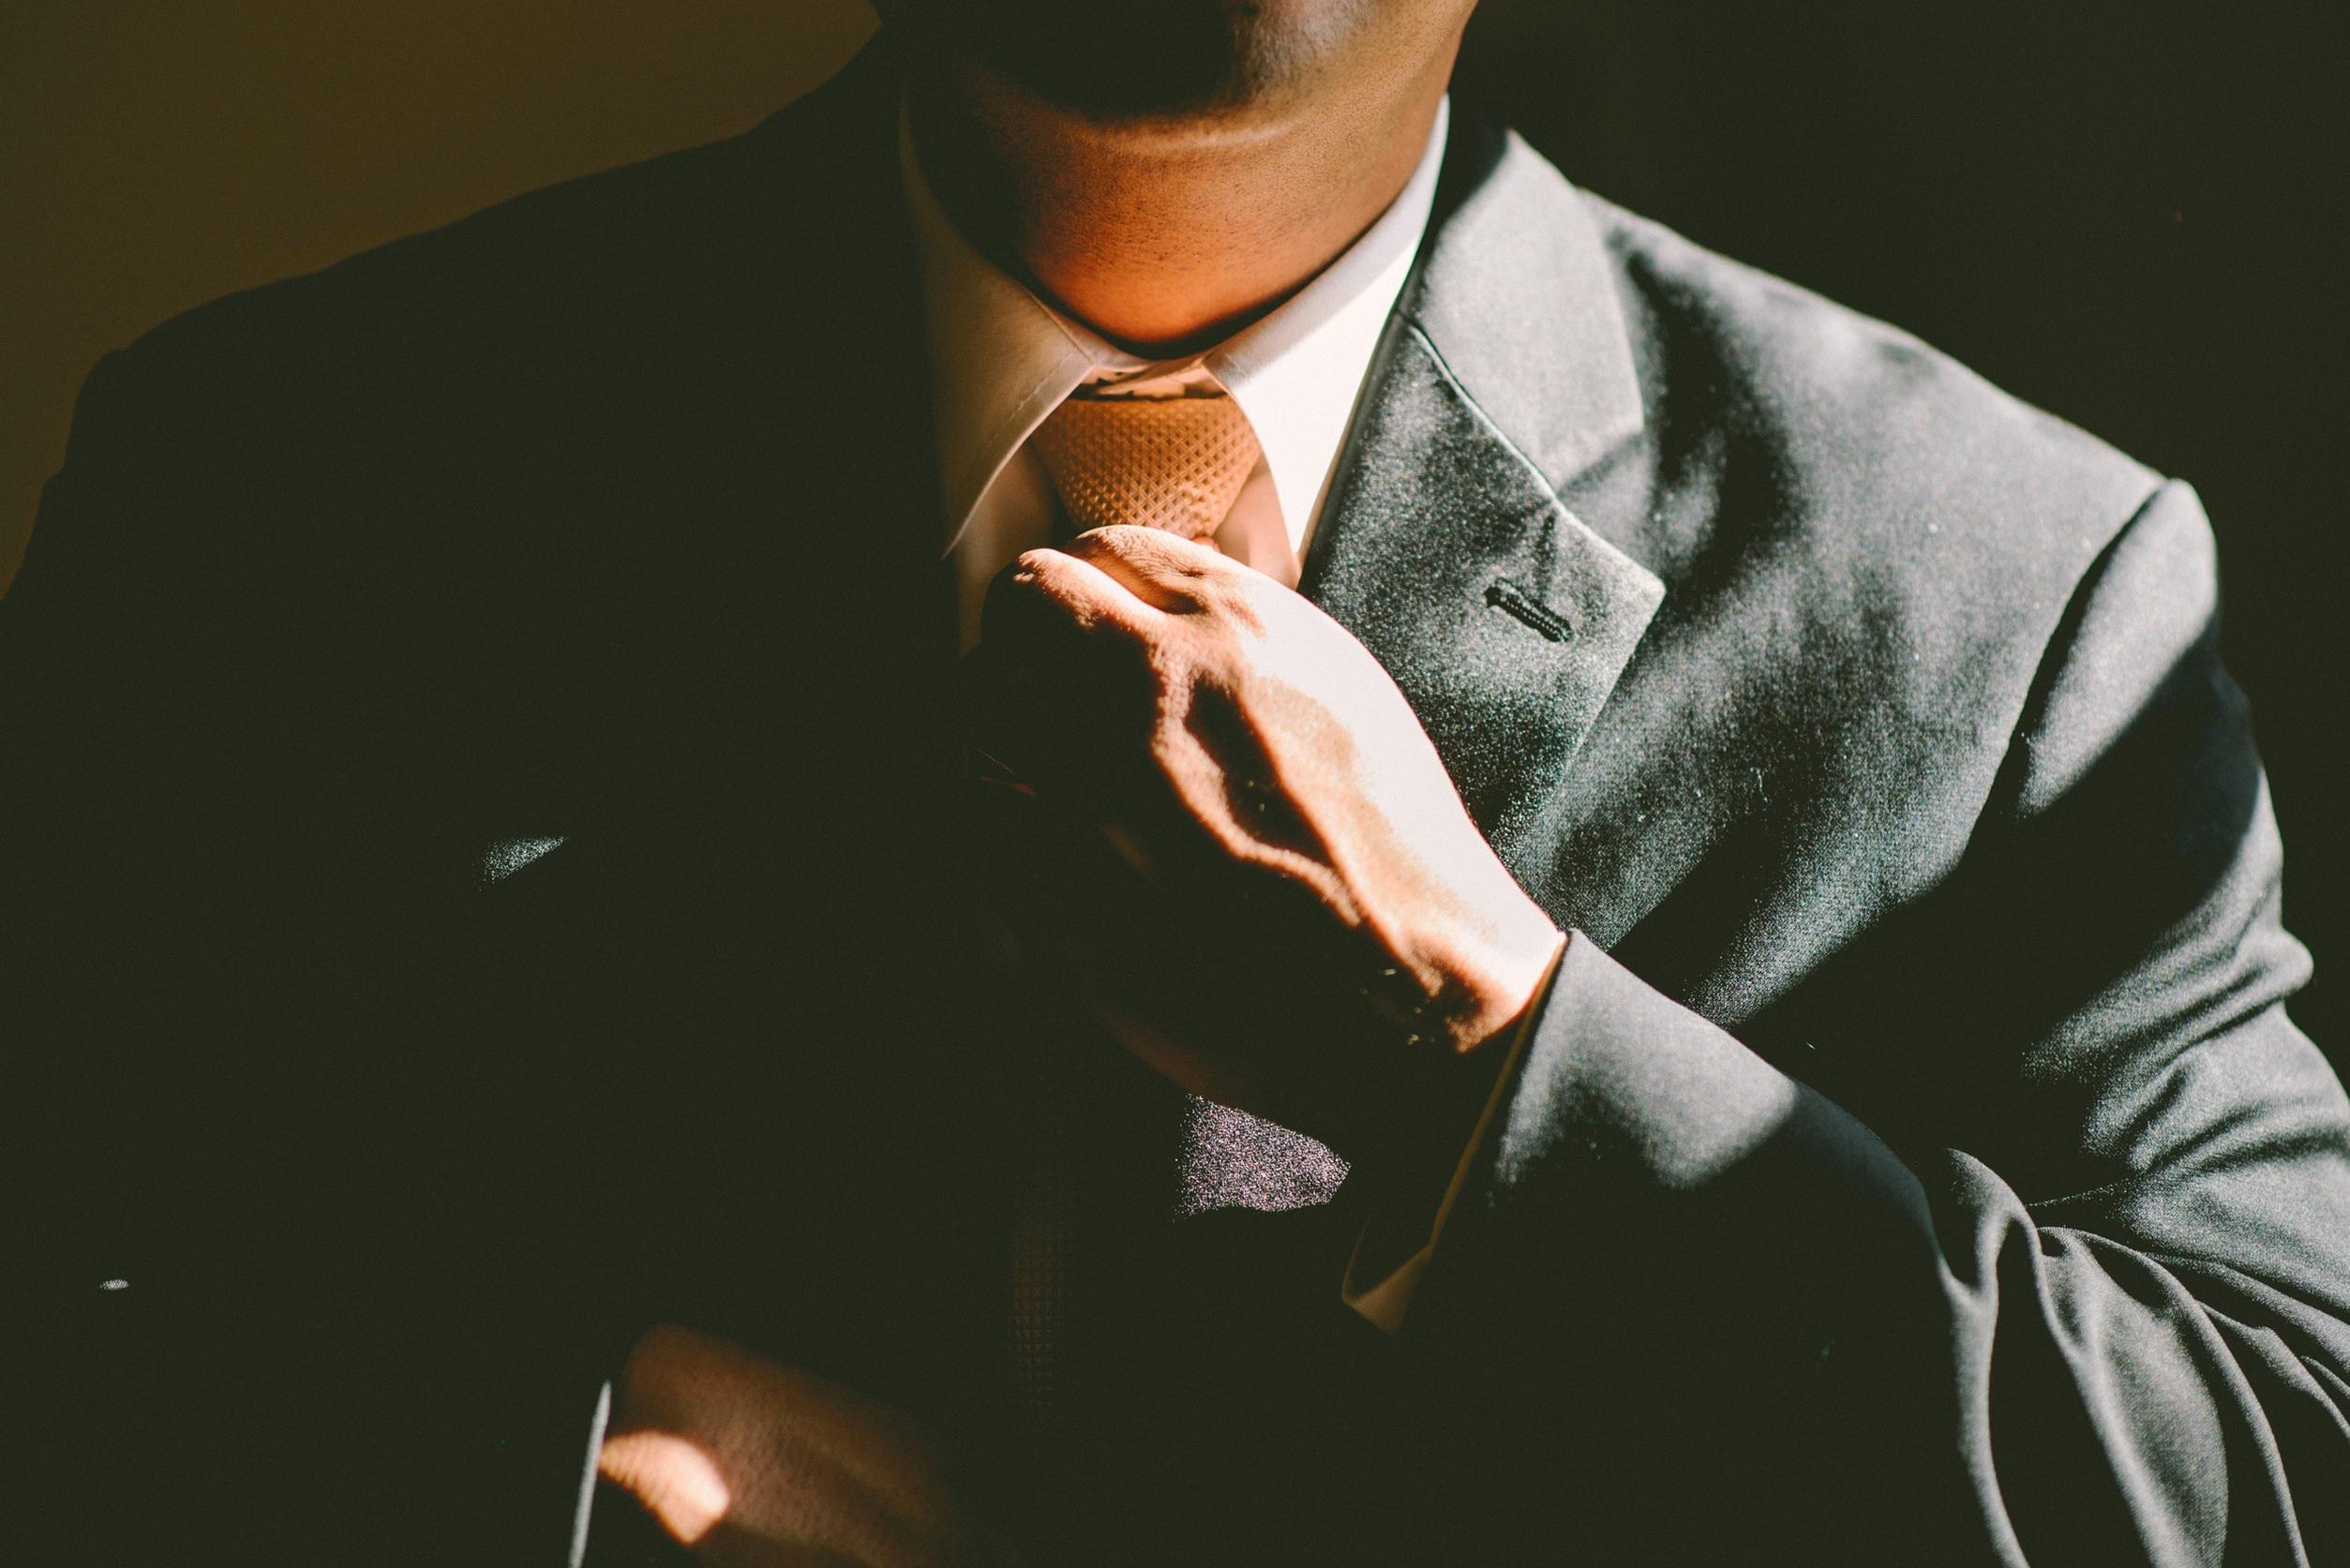 【不倫の恋愛失敗談1】結婚してる分かっていても一緒に居たい上司との切ない恋